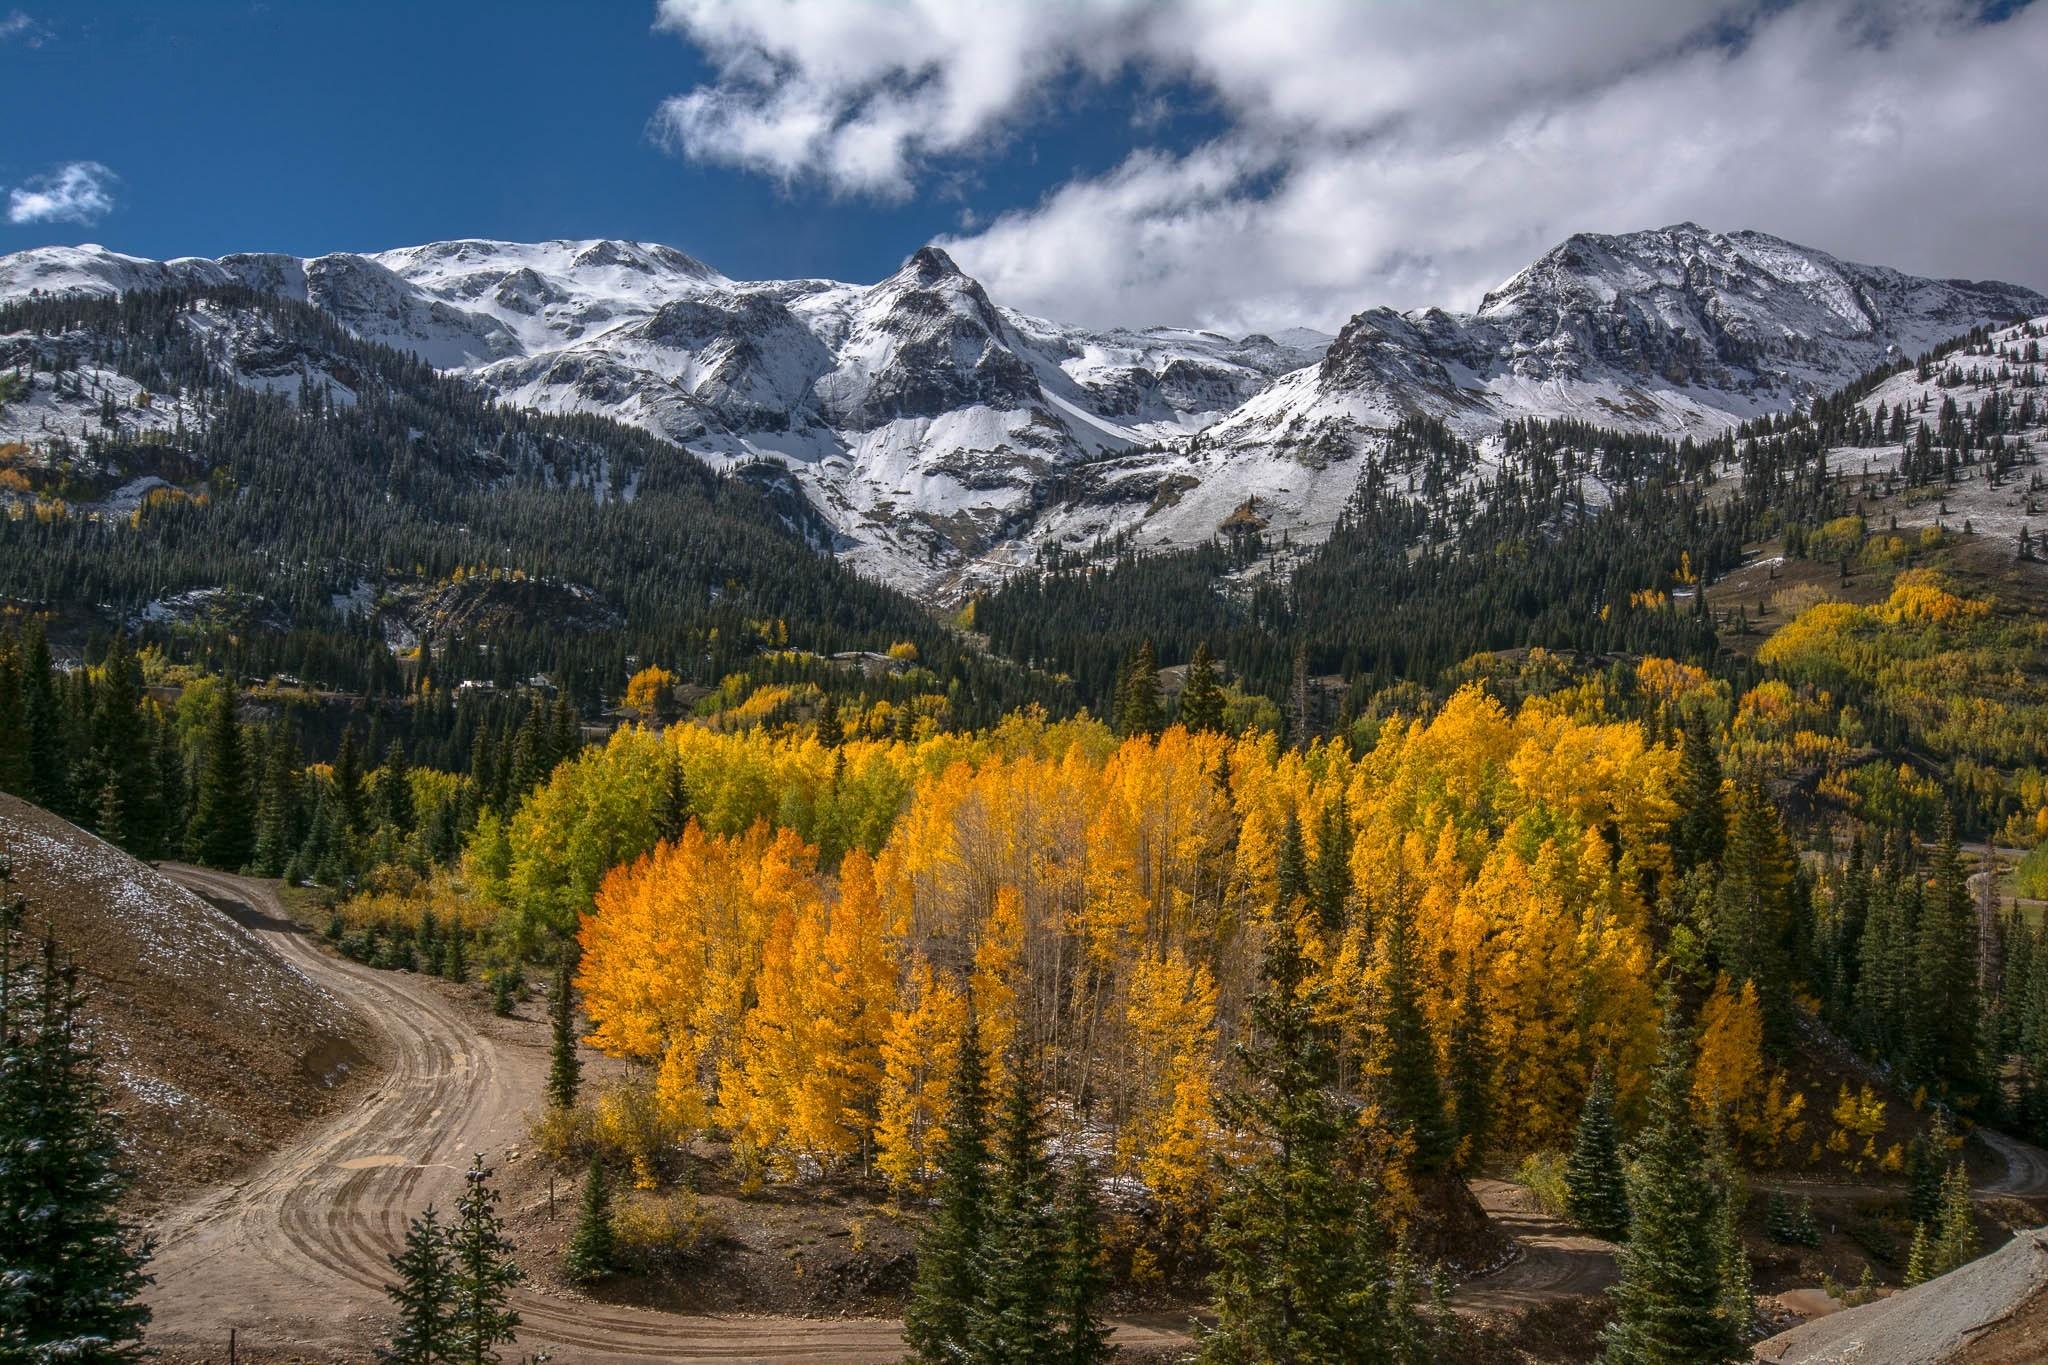 Autumn mountain road trees landscape d wallpaper ...